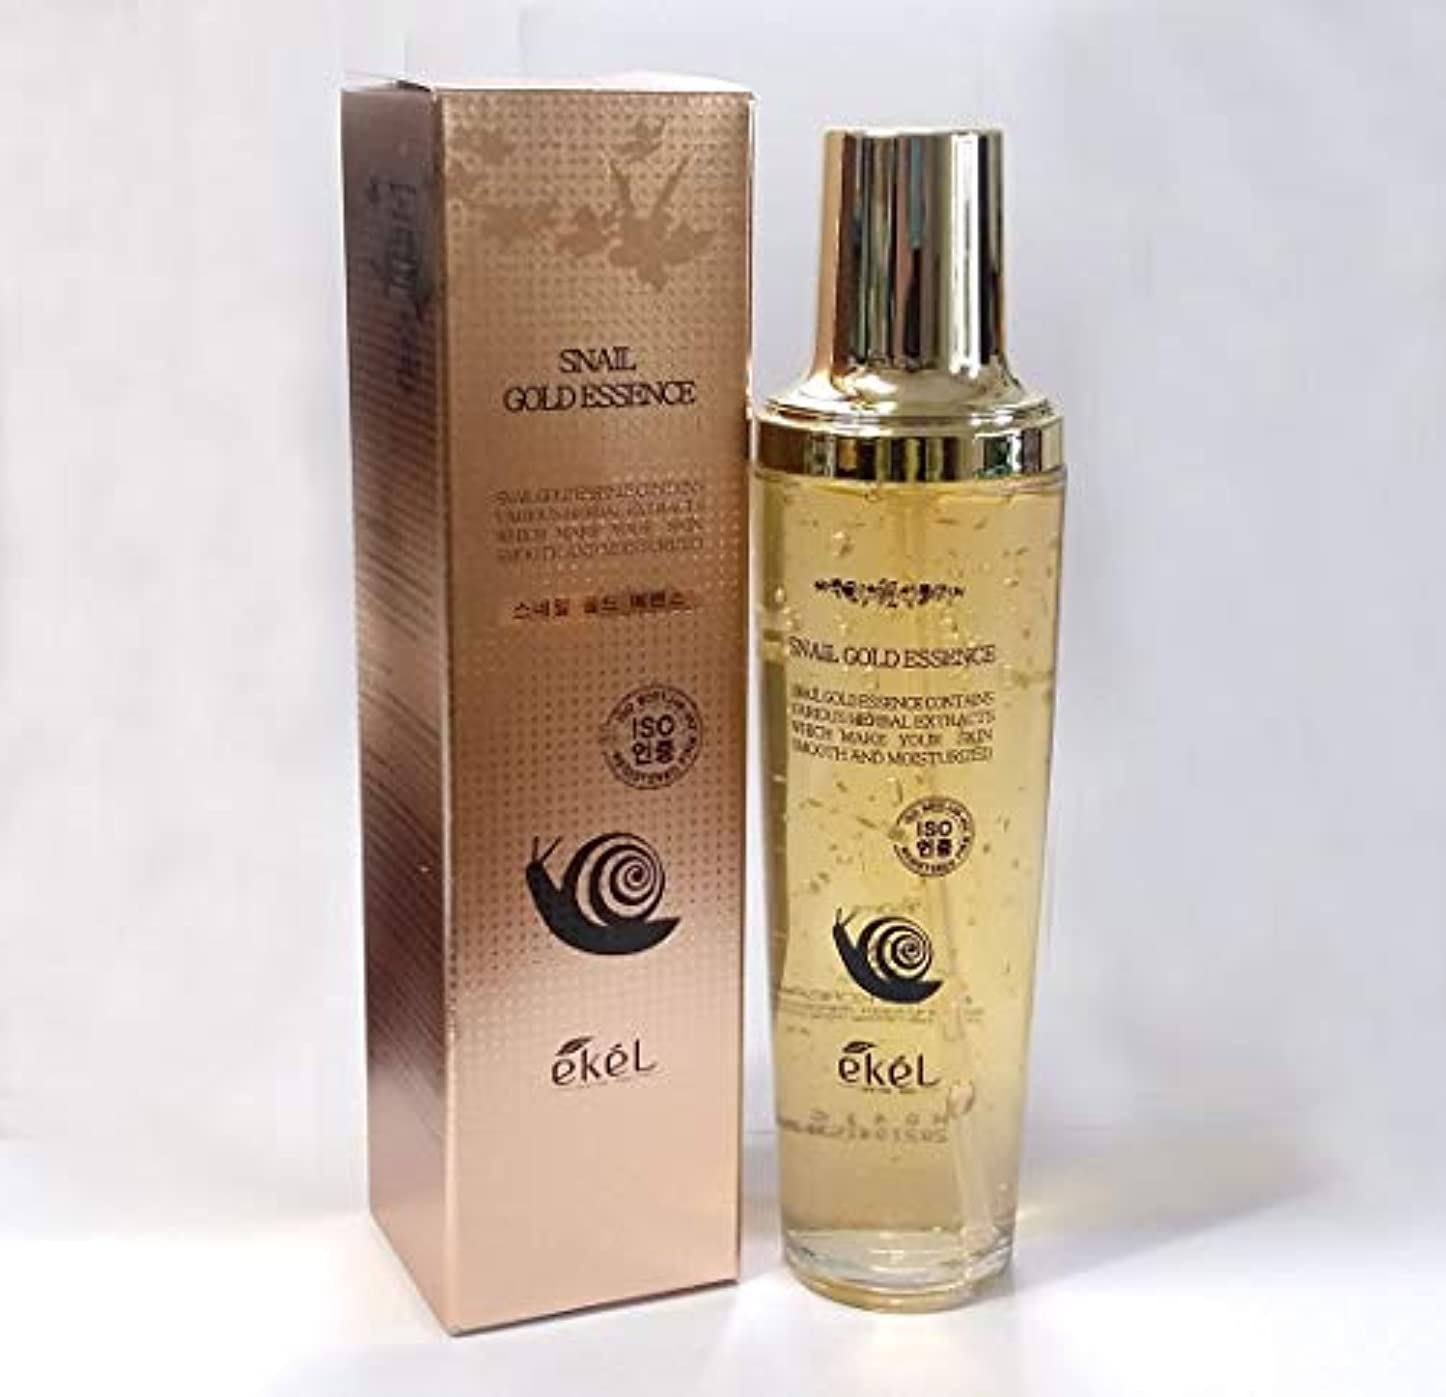 節約信頼できるナース[EKEL] ゴールドエッセンス150ml /ハーブエキス/スムーズ&モイスチャライド/韓国化粧品 / Gold Essence 150ml / Herbal Extracts / Smooth & Moisturized...